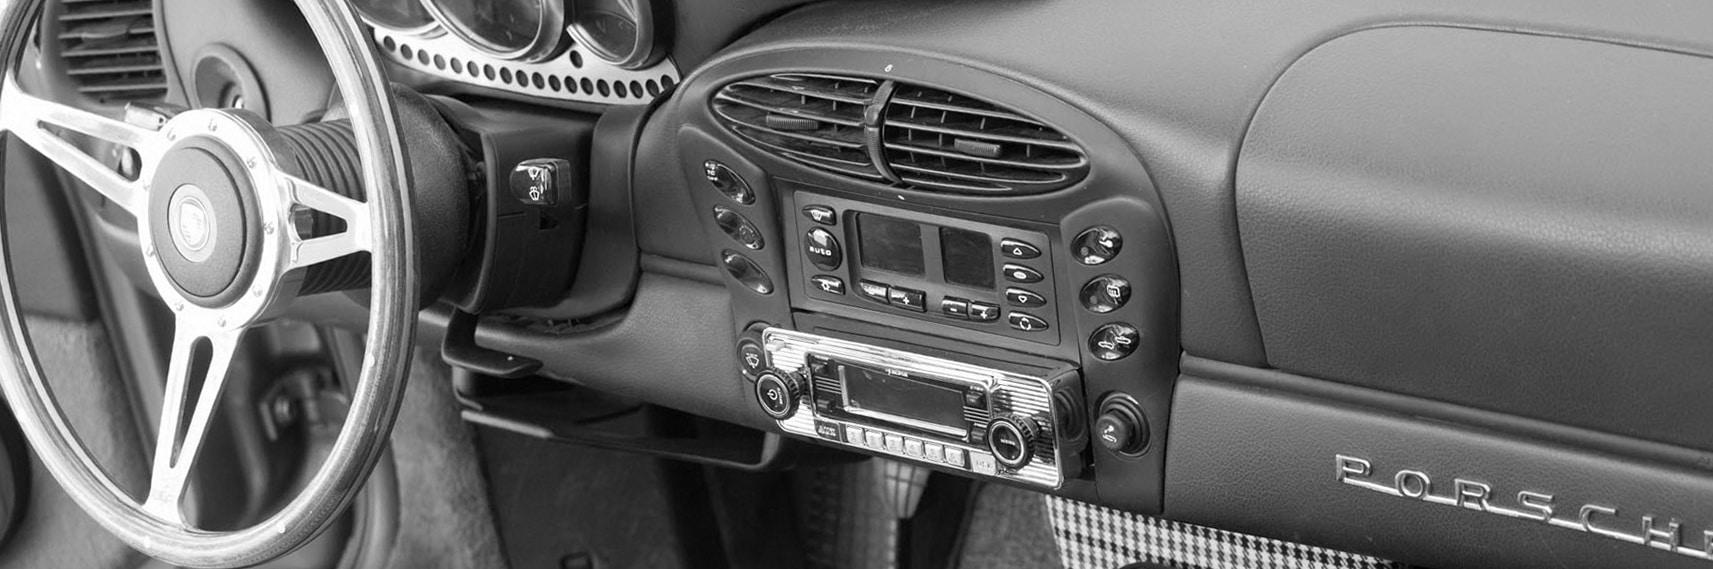 Porsche Boxster RetroMod Cockpit